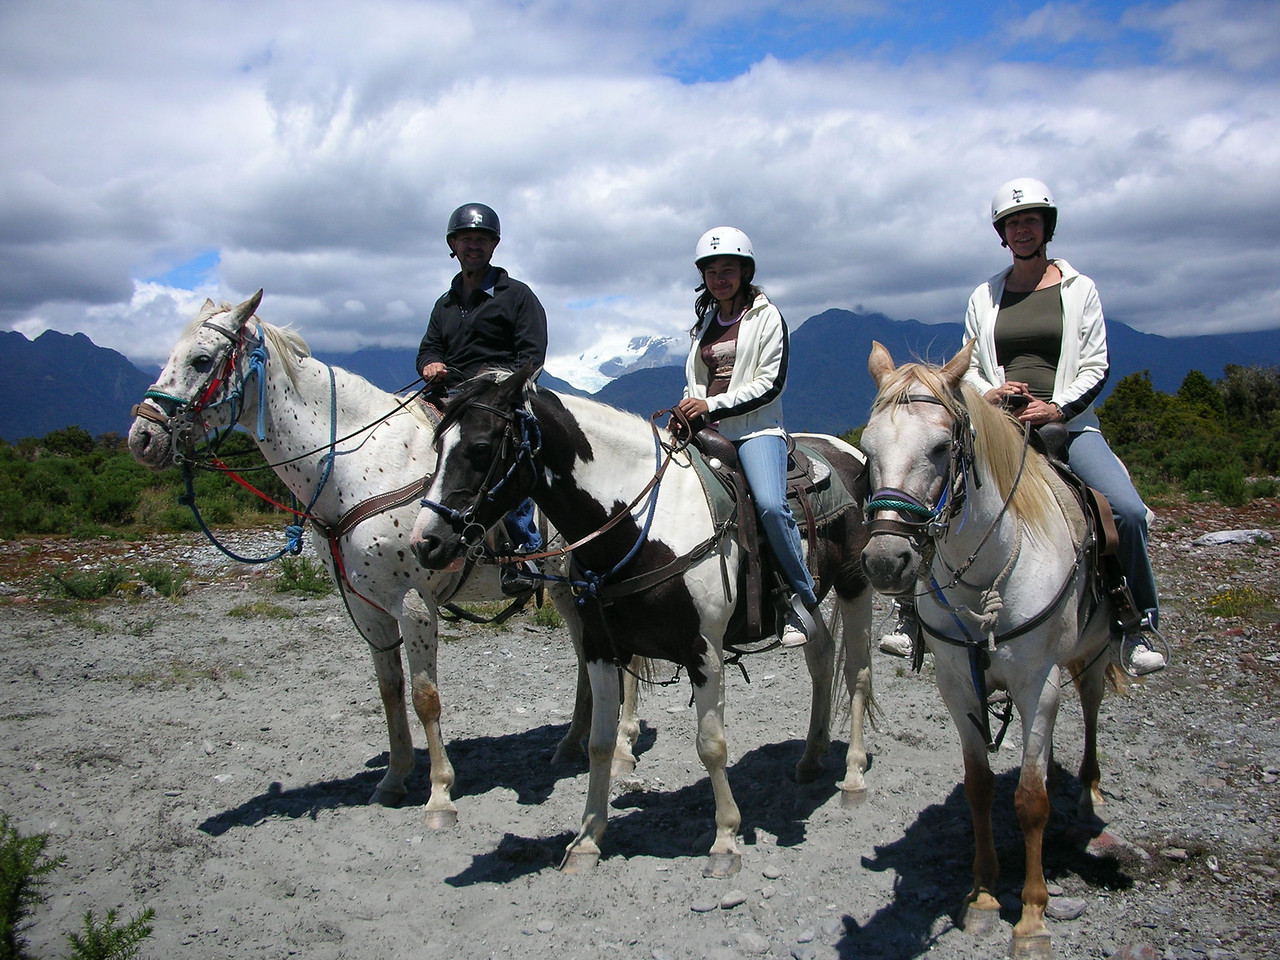 Hans, Ila and Naomi horse trekking at Frans Josef Glacier.